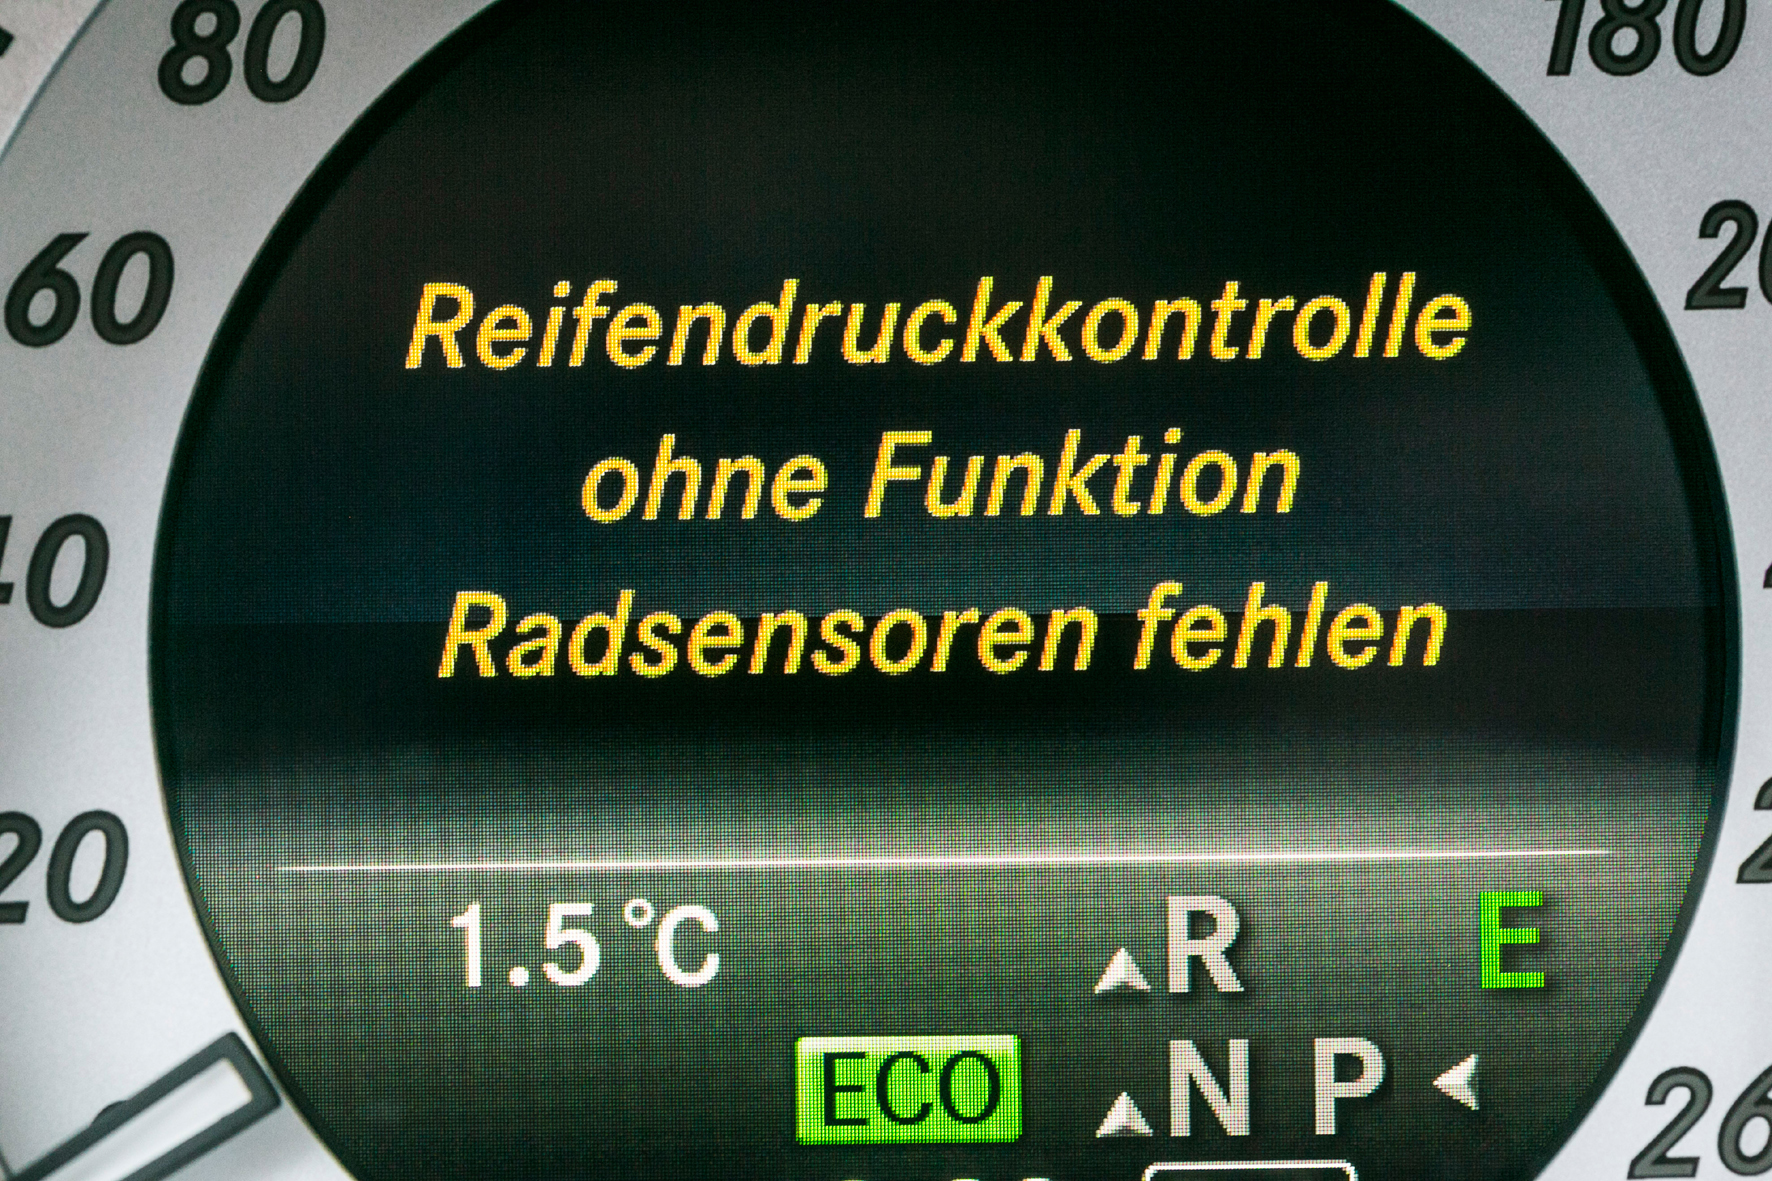 mid Düsseldorf - Gefälschte Sensoren für die Reifendruckkontrolle von Pkw legen womöglich das komplette System lahm.